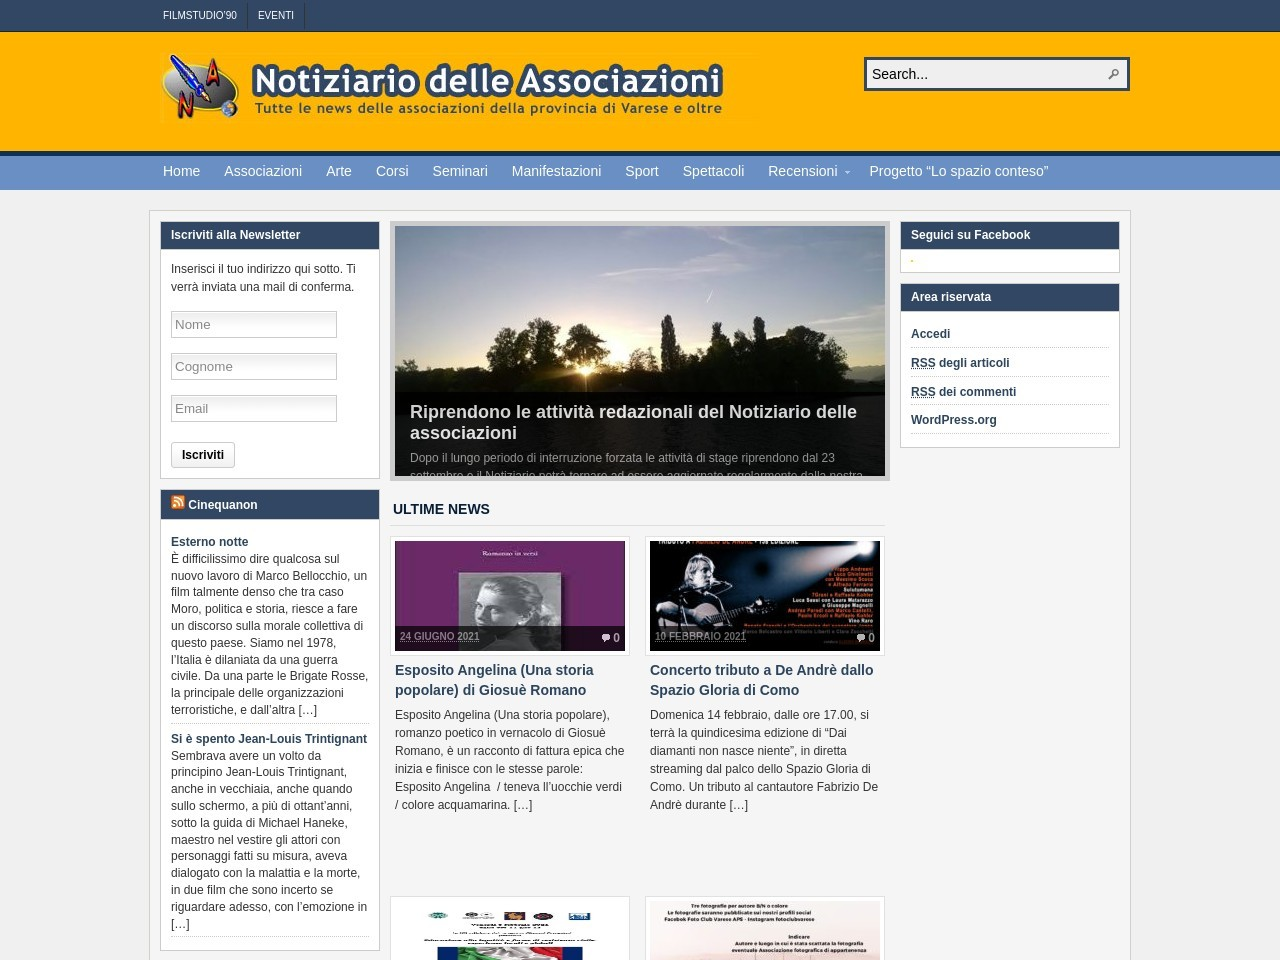 notiziario-delle-associazioni